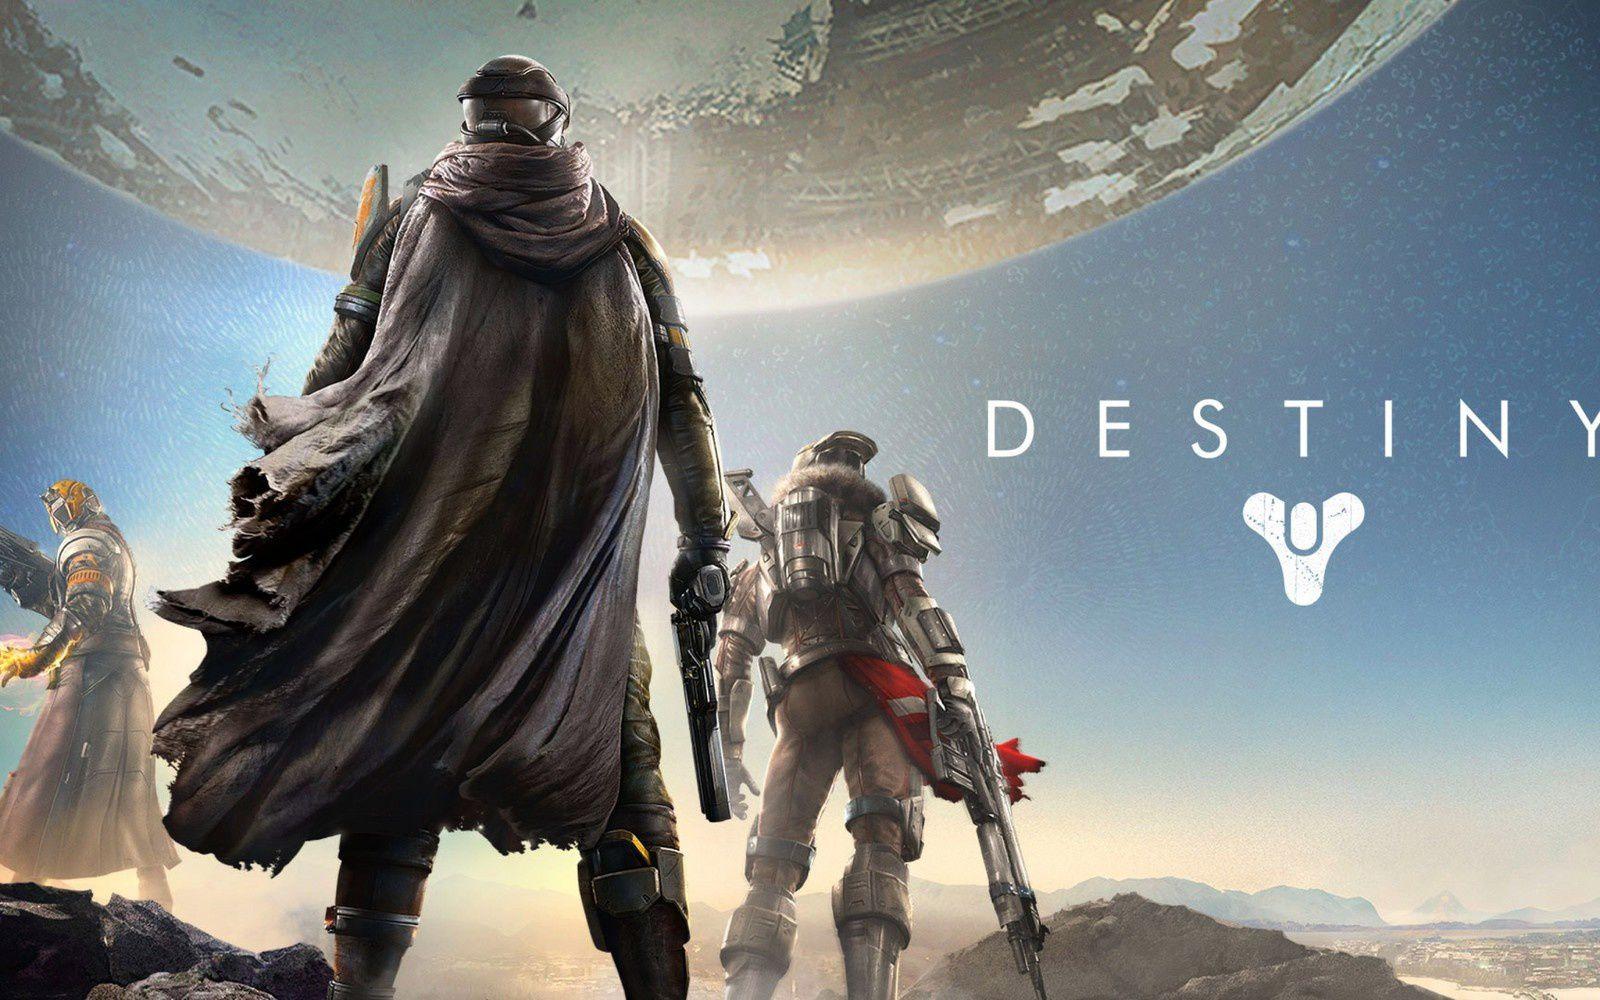 Jeux video: Destiny : les premiers événements arrivent ! #PS4 et #xbox one